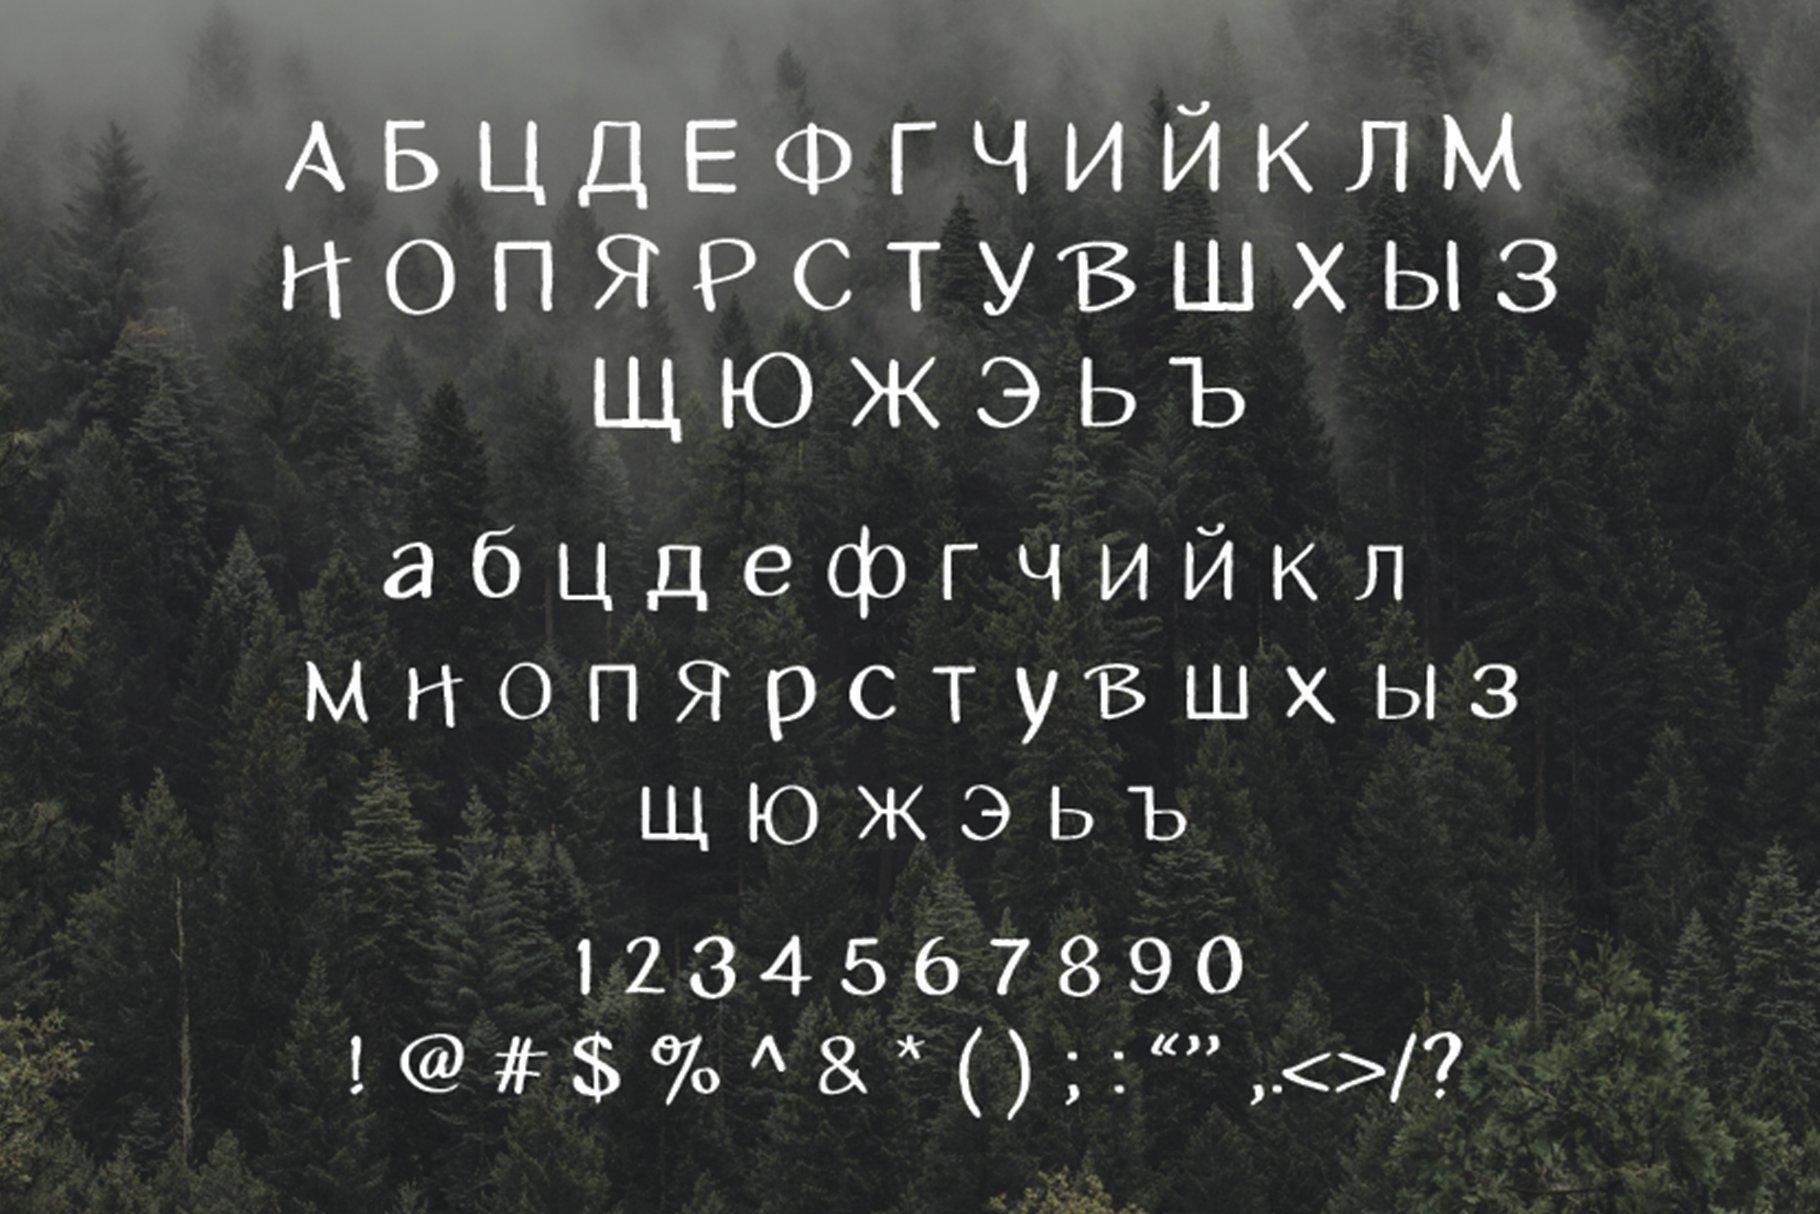 Zhivanii example image 4